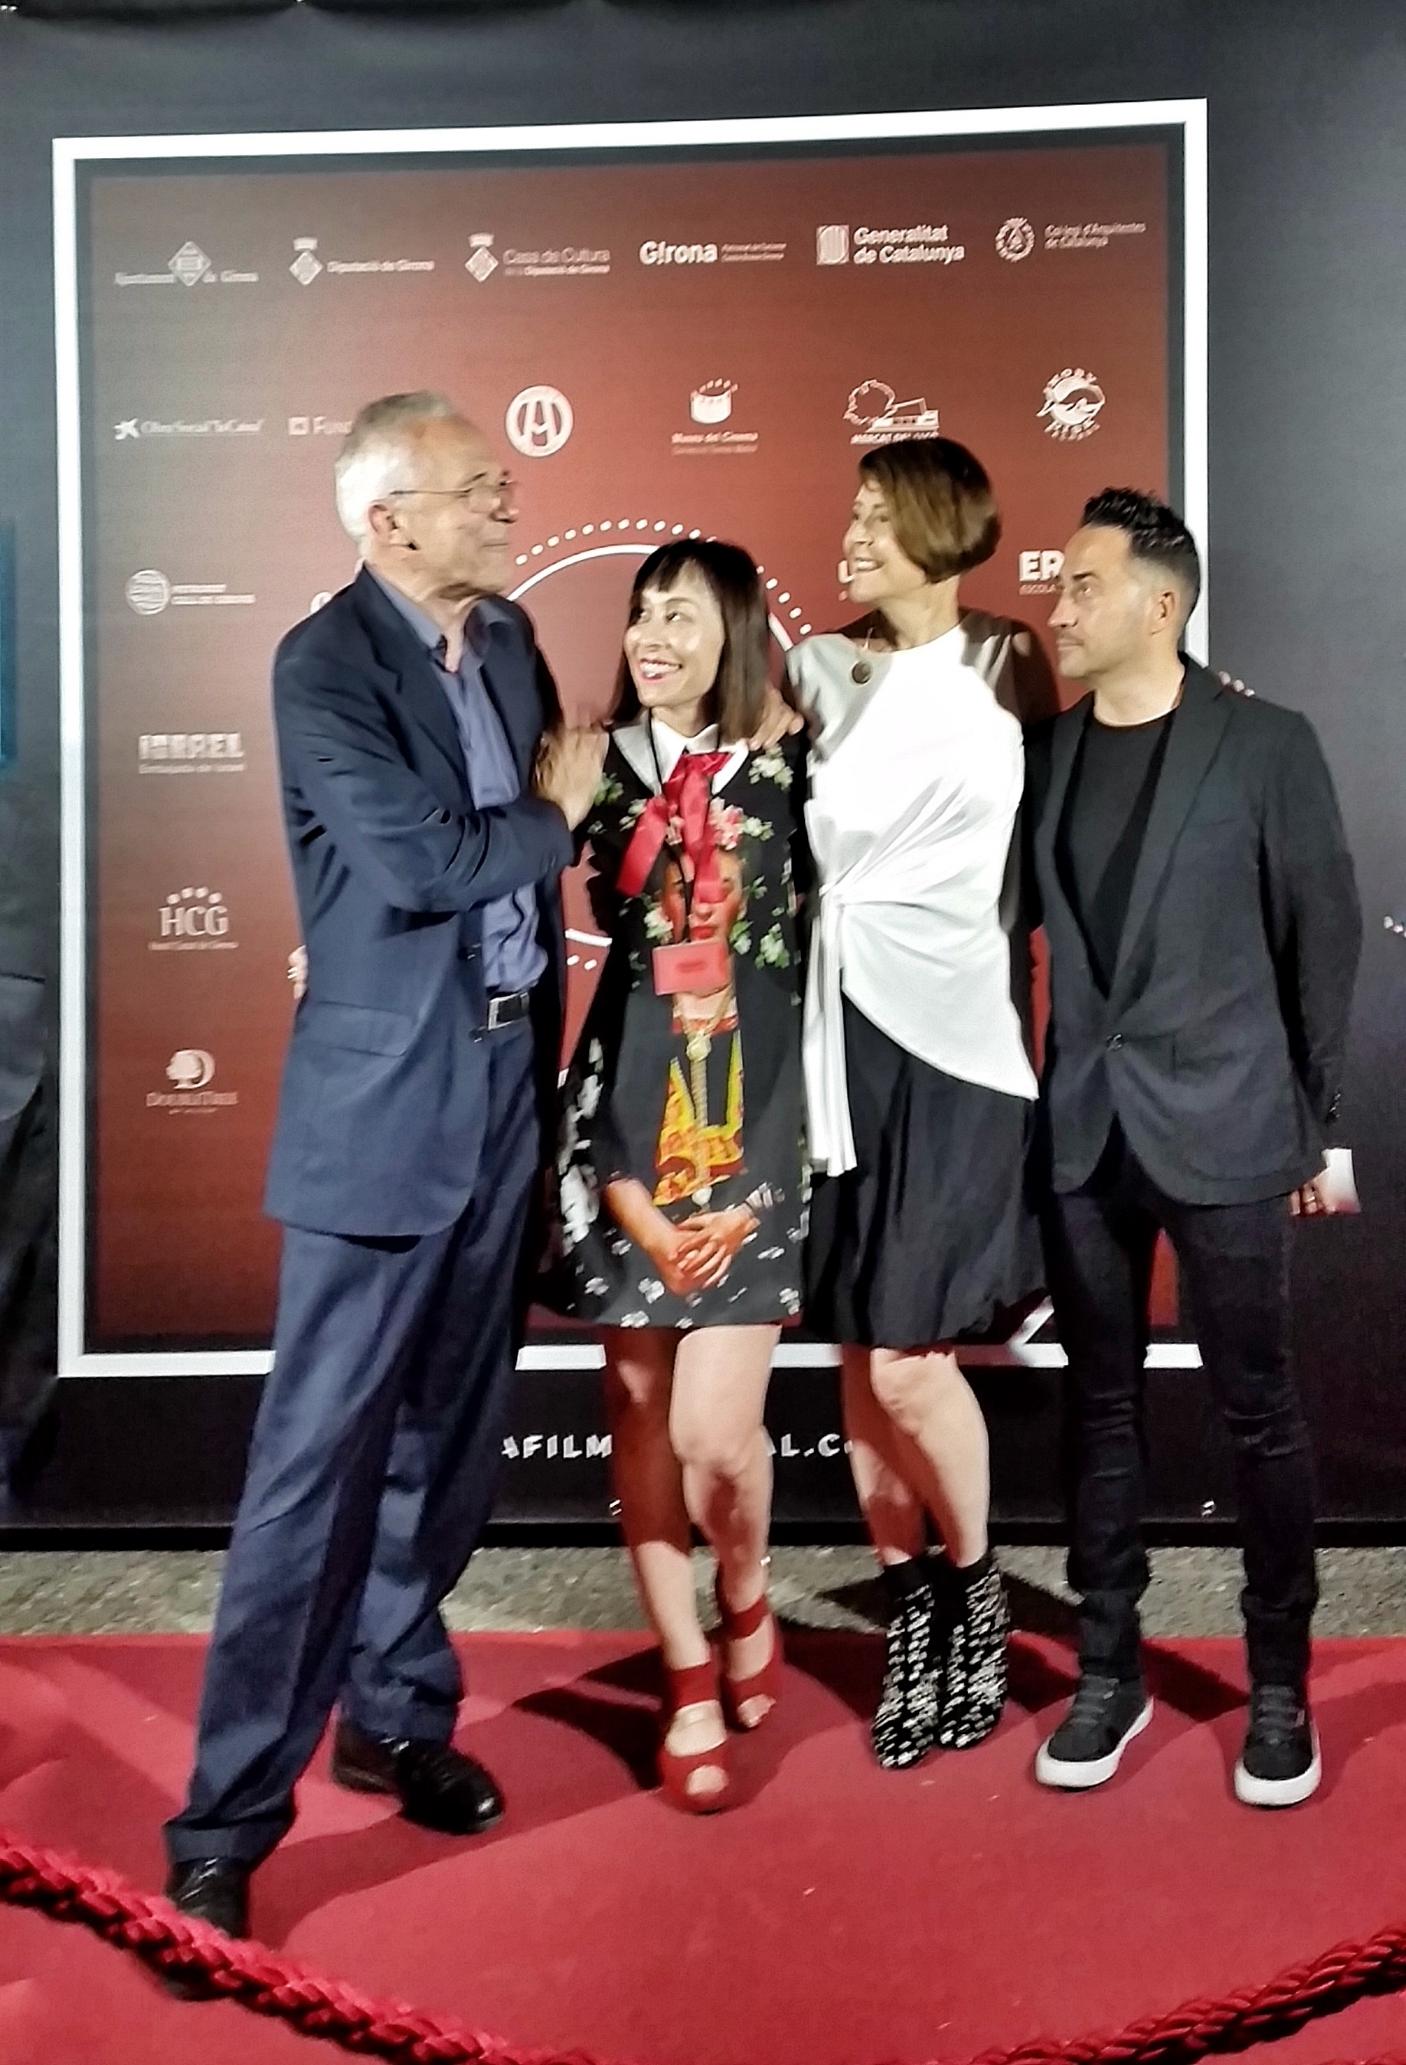 Red_carpet_Girona_Film_Festival_Aerfeldt_Lisner_2.jpg